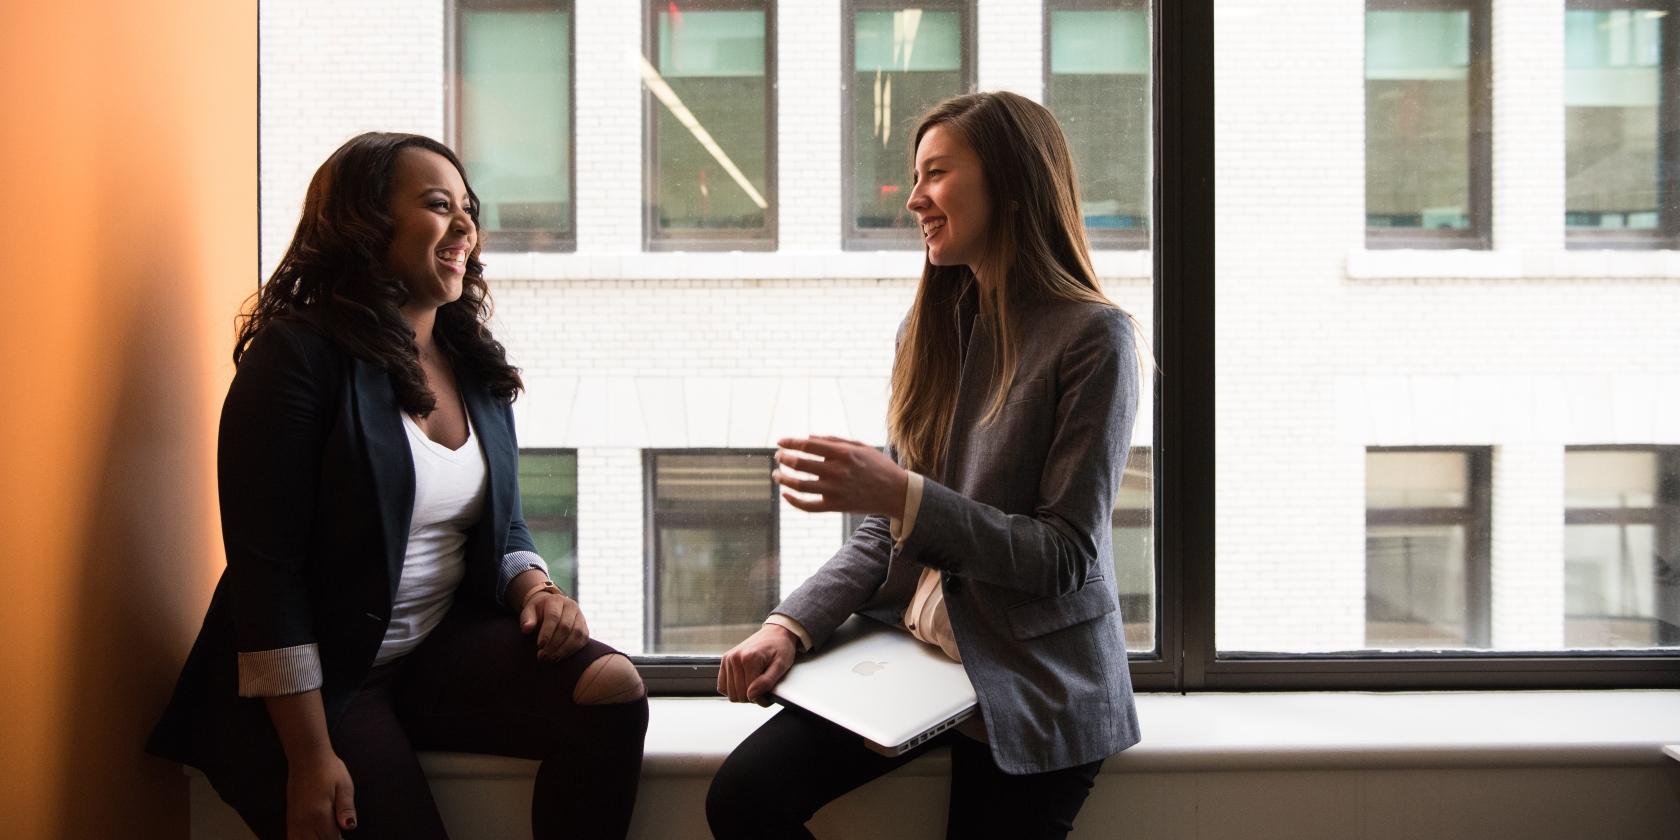 Two women talking on a window ledge in an office building.